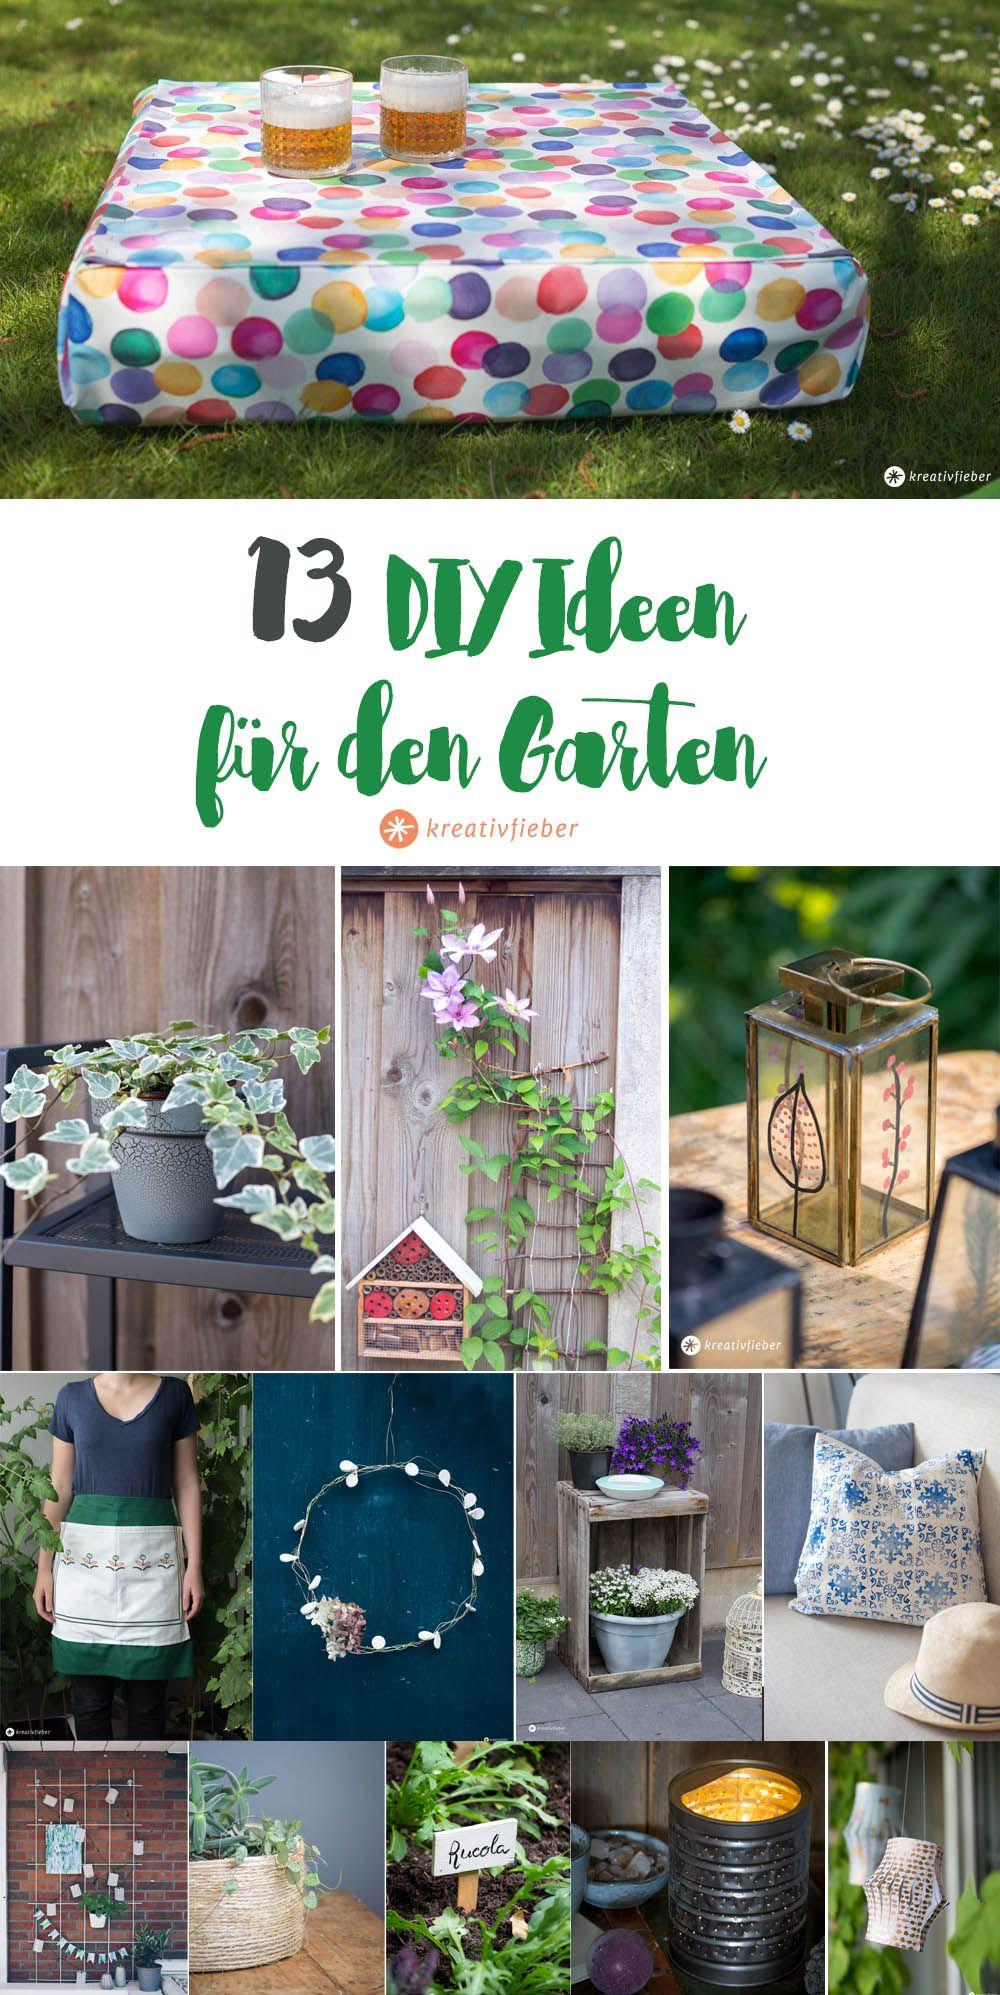 13 Diy Ideen Fur Den Garten Garten Ideen Diy Ubertopf Garten Deko